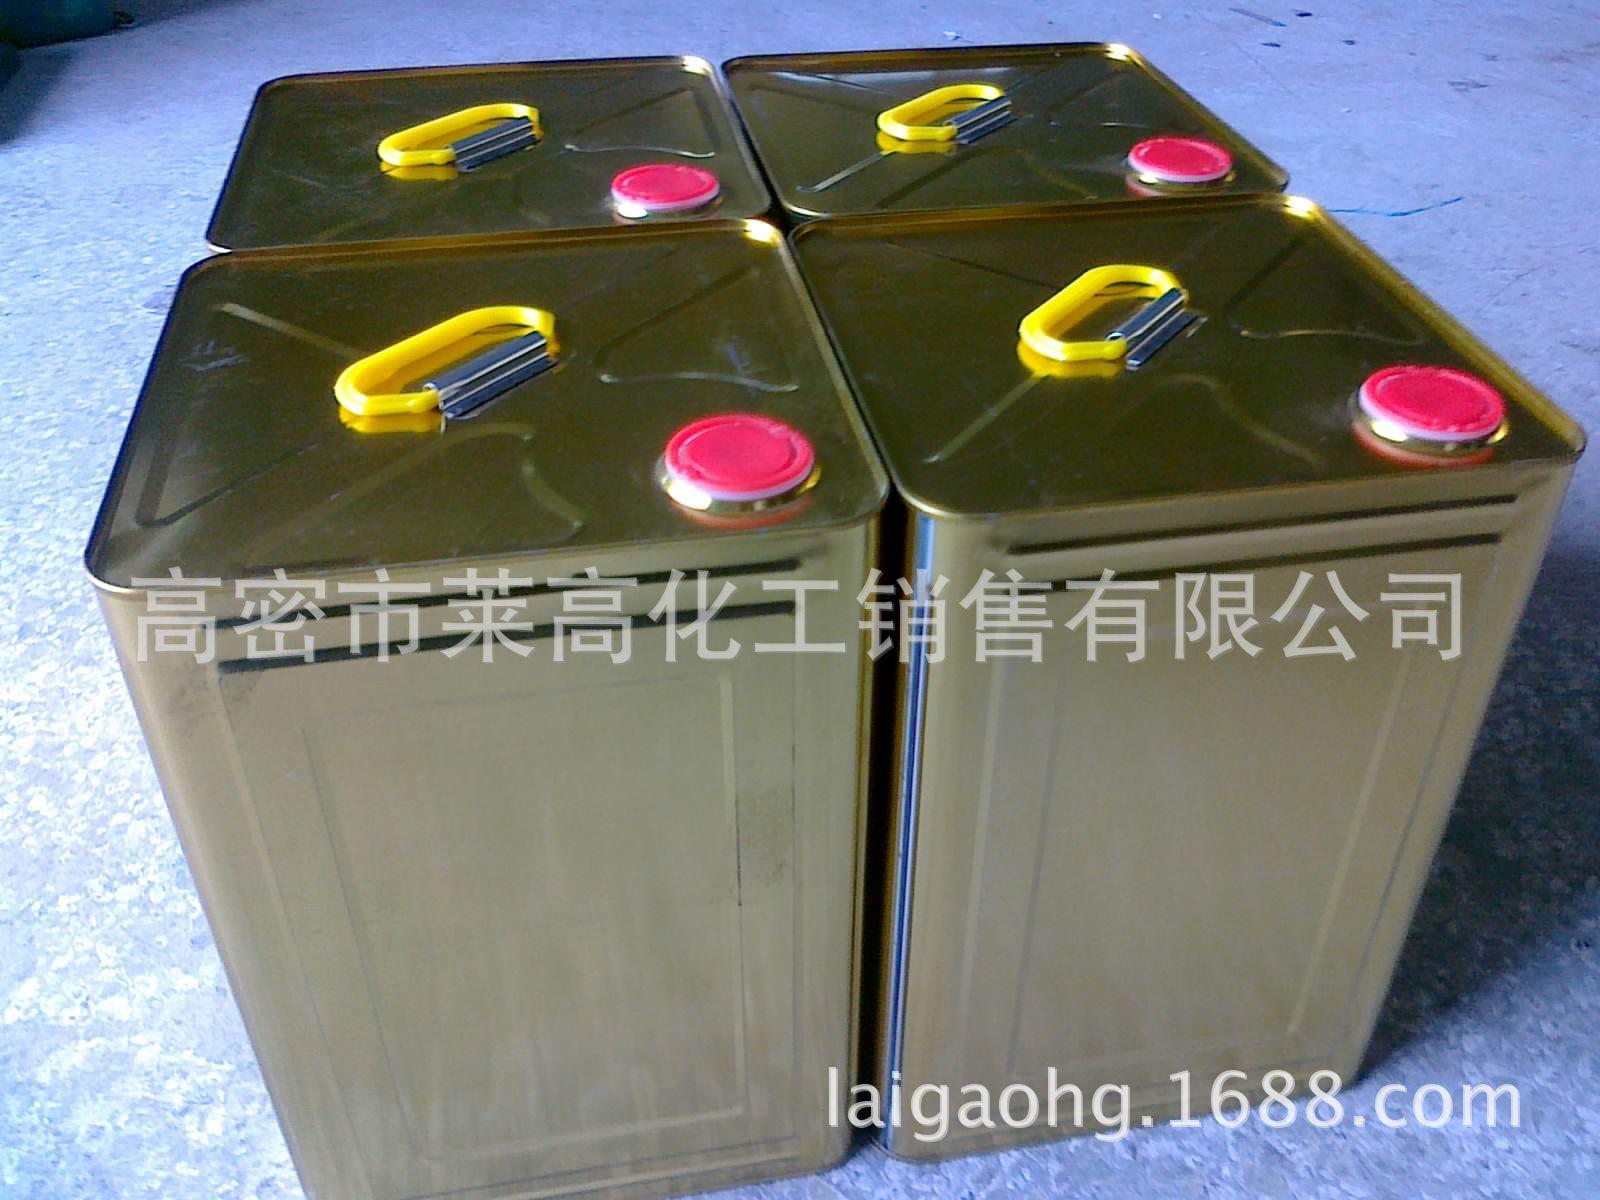 山东厂家直销耐黄变实木家具办公家具木门水晶PU固化剂 批